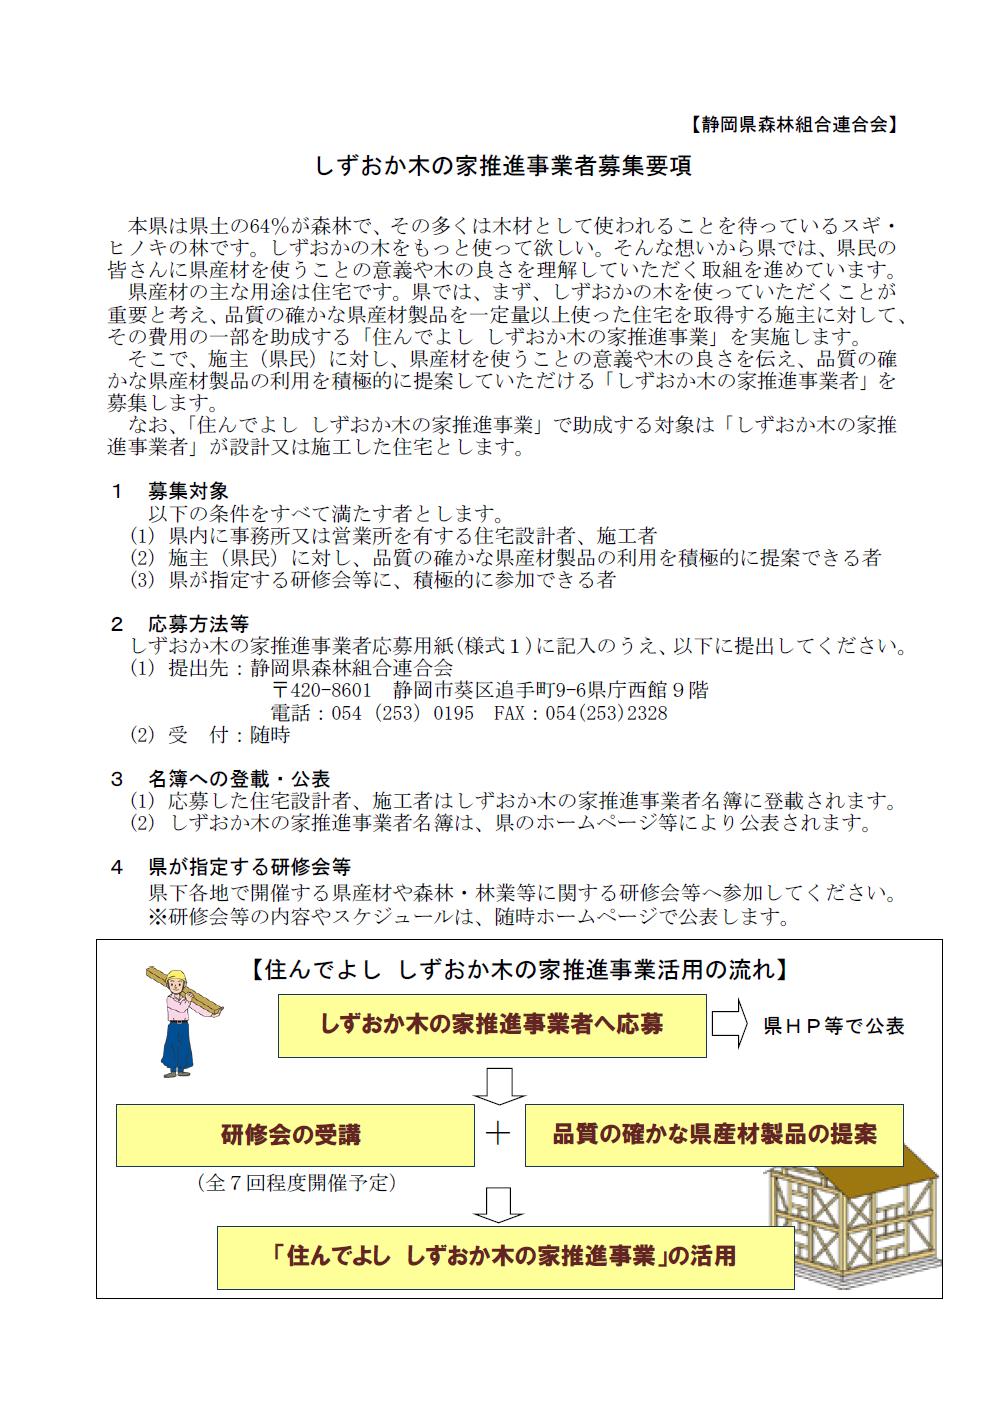 ホームページ 静岡 県